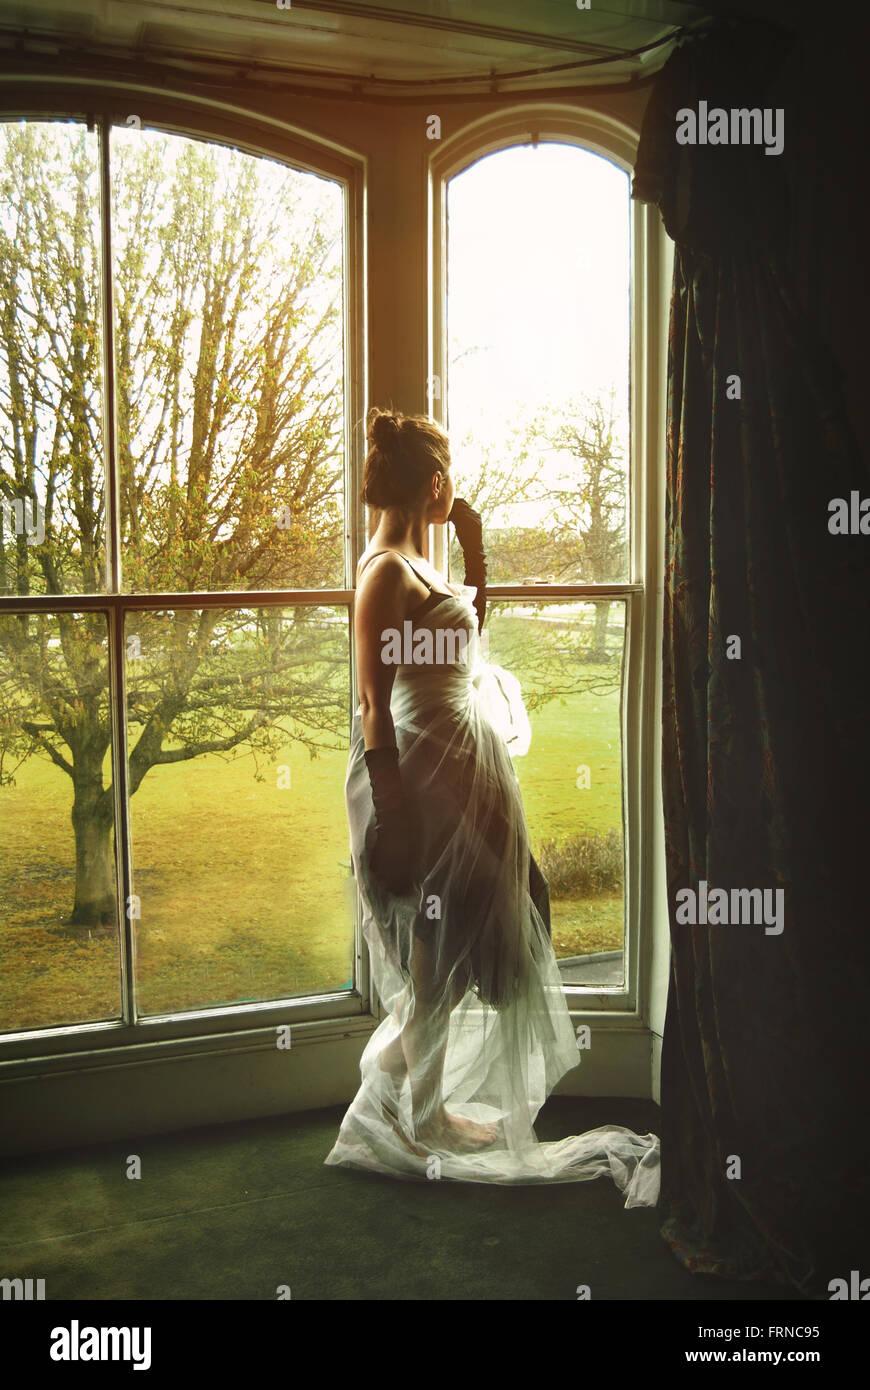 Jeune femme debout près de la fenêtre Photo Stock